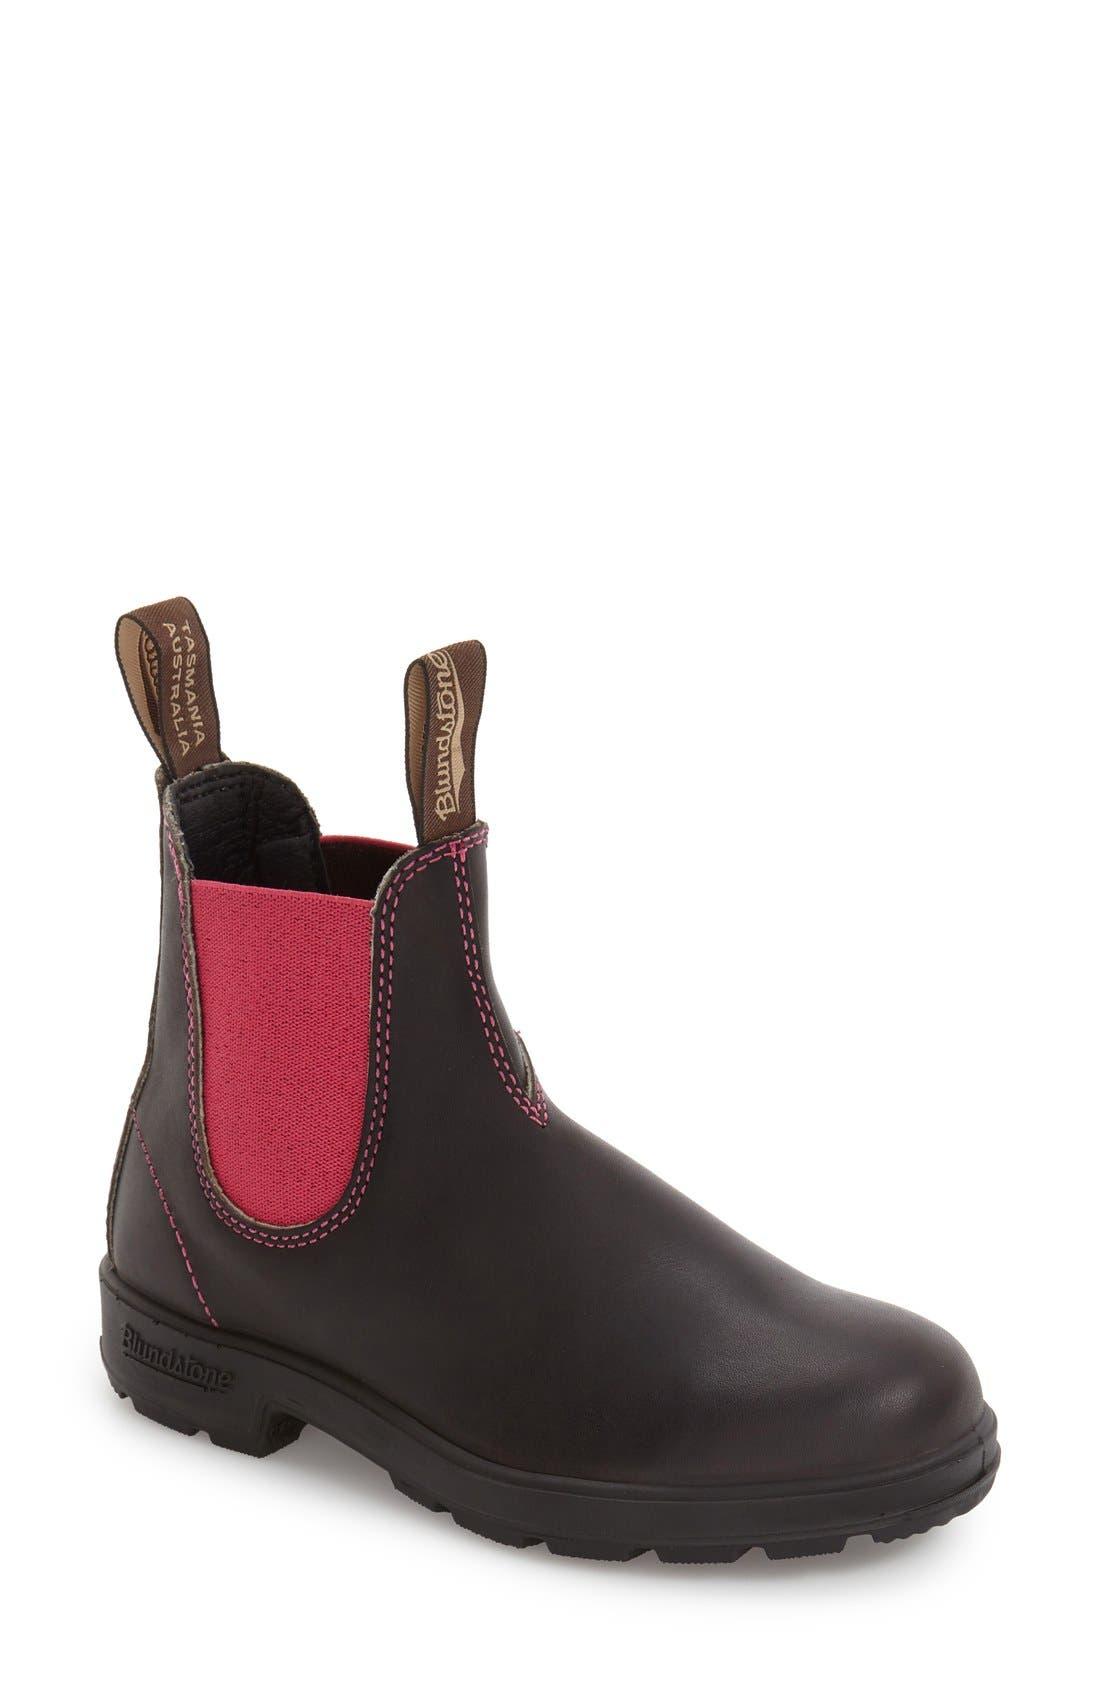 BLUNDSTONE Footwear 'Original - 500 Series' Water Resistant